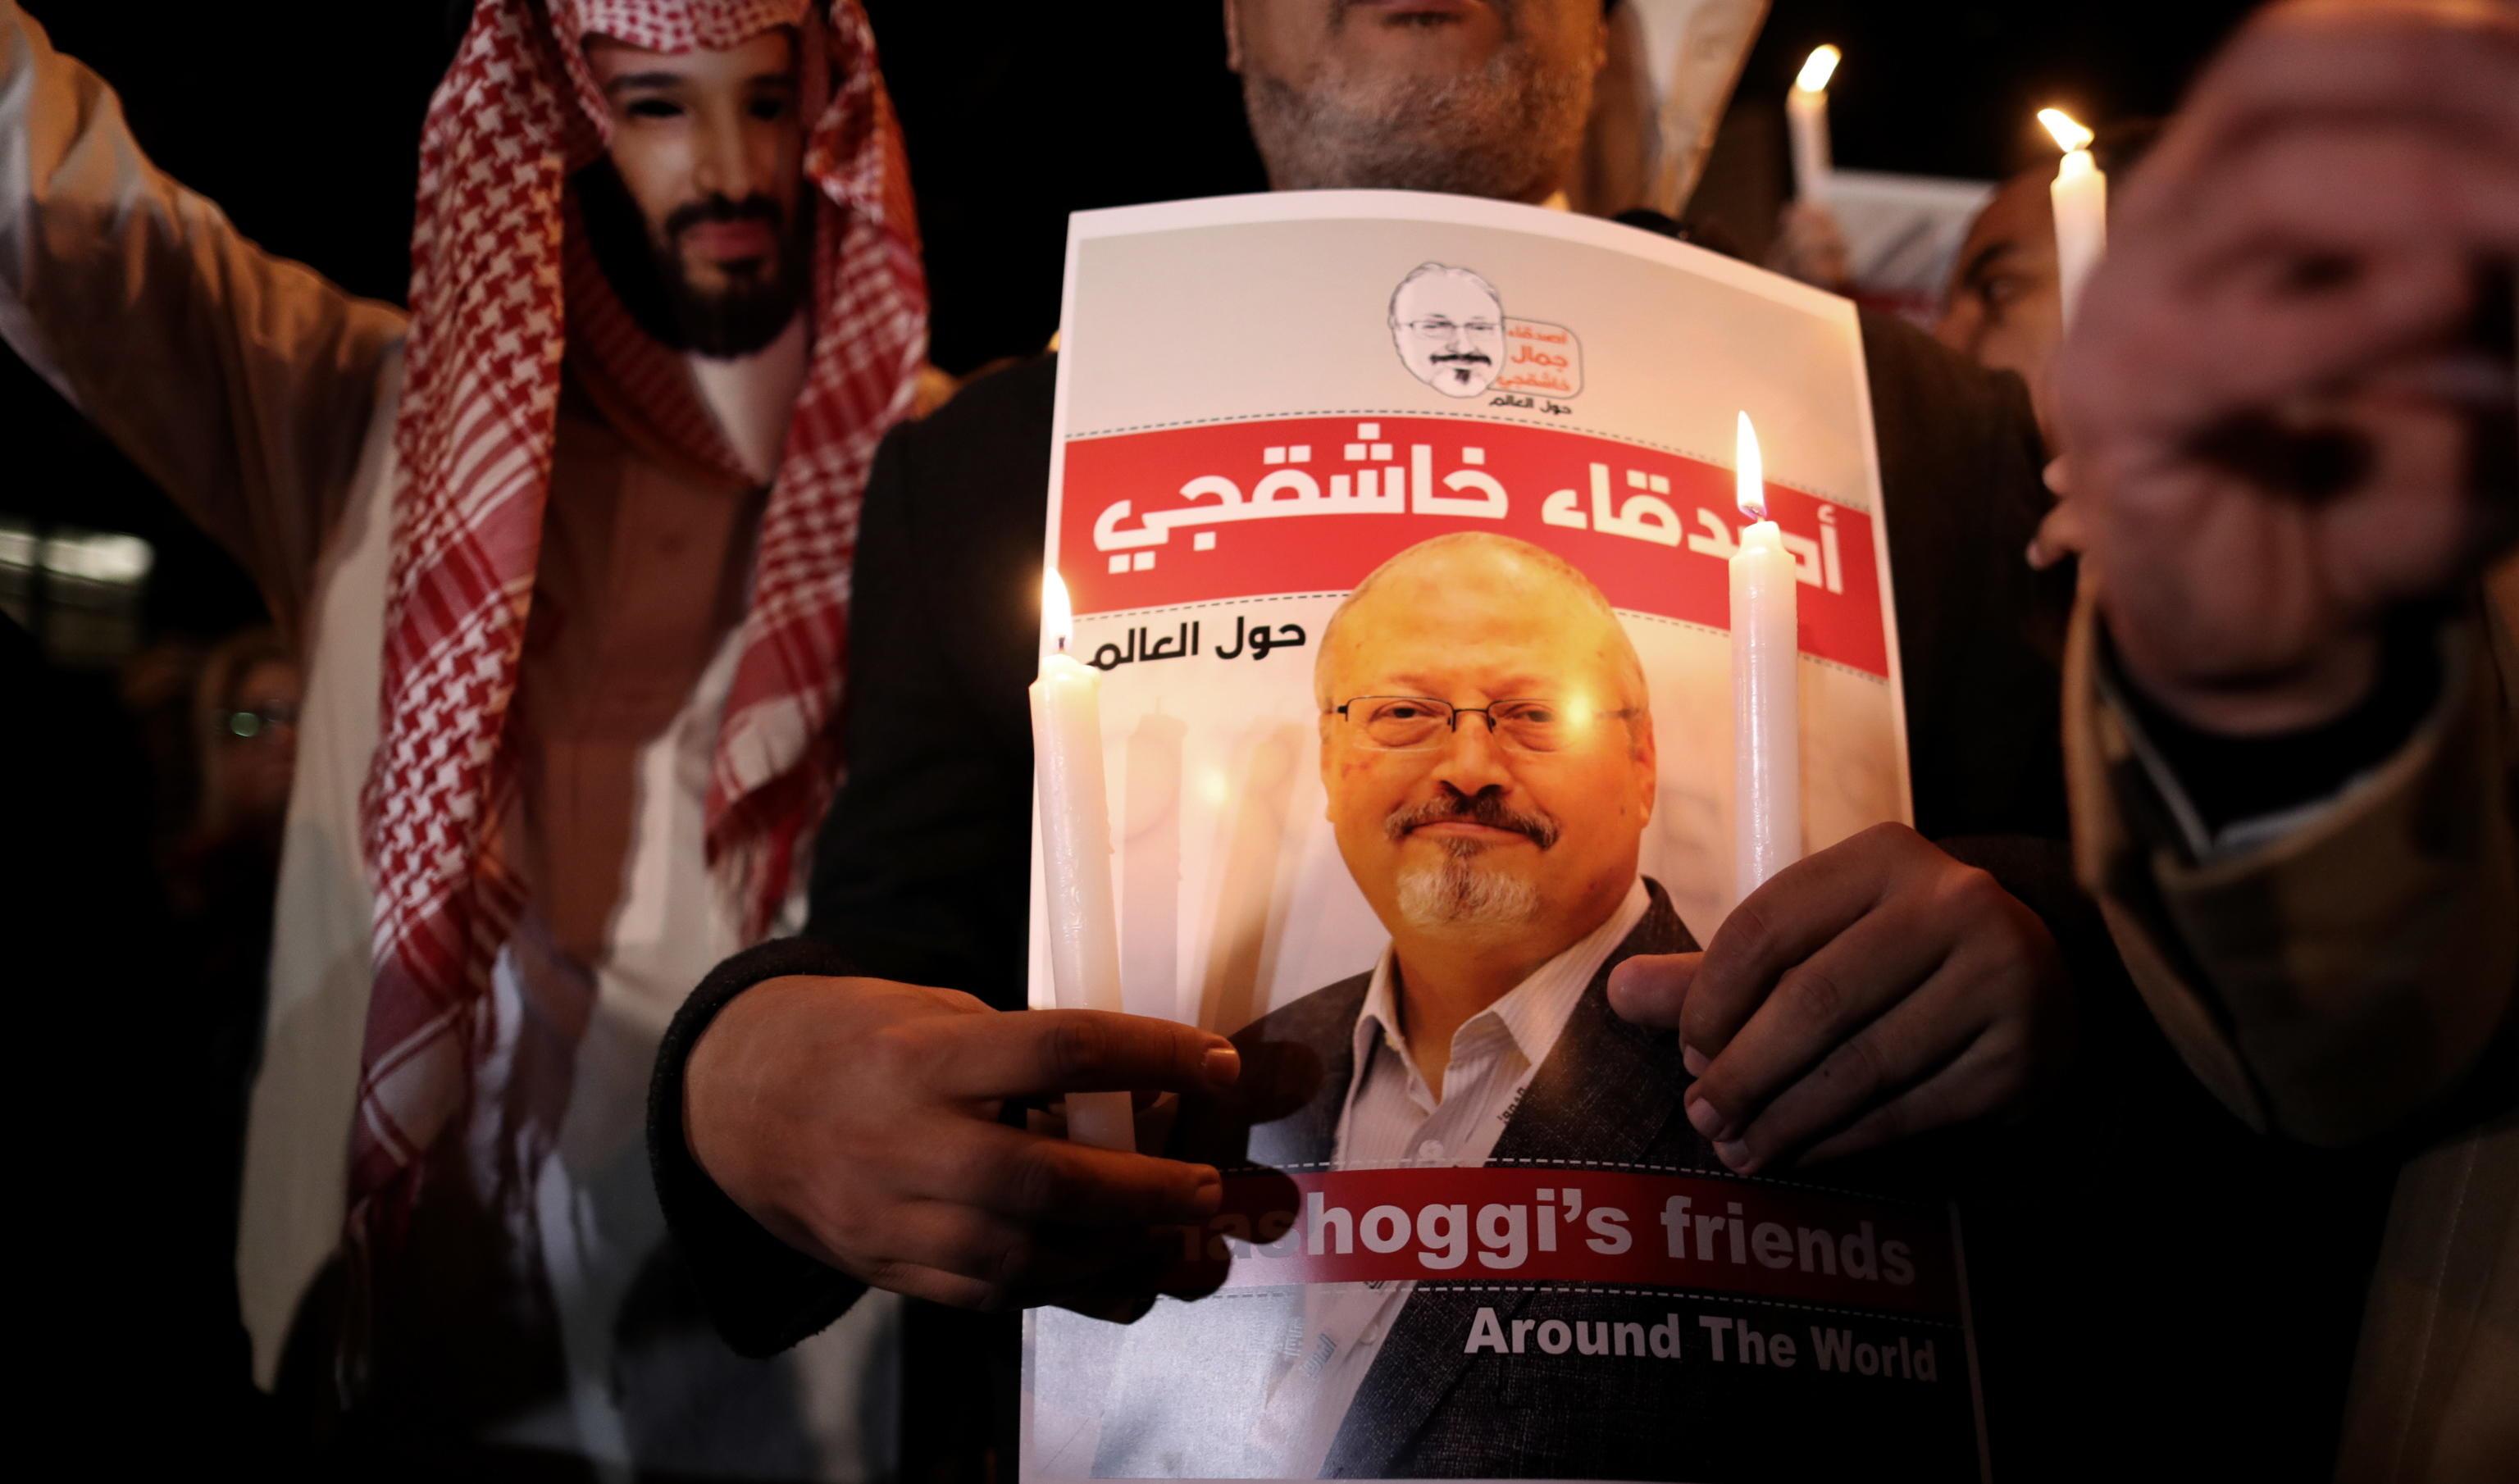 «Bin Salman autorizzò il blitz contro Khashoggi, 21 persone coinvolte»: il report degli 007 americani che accusa il principe saudita